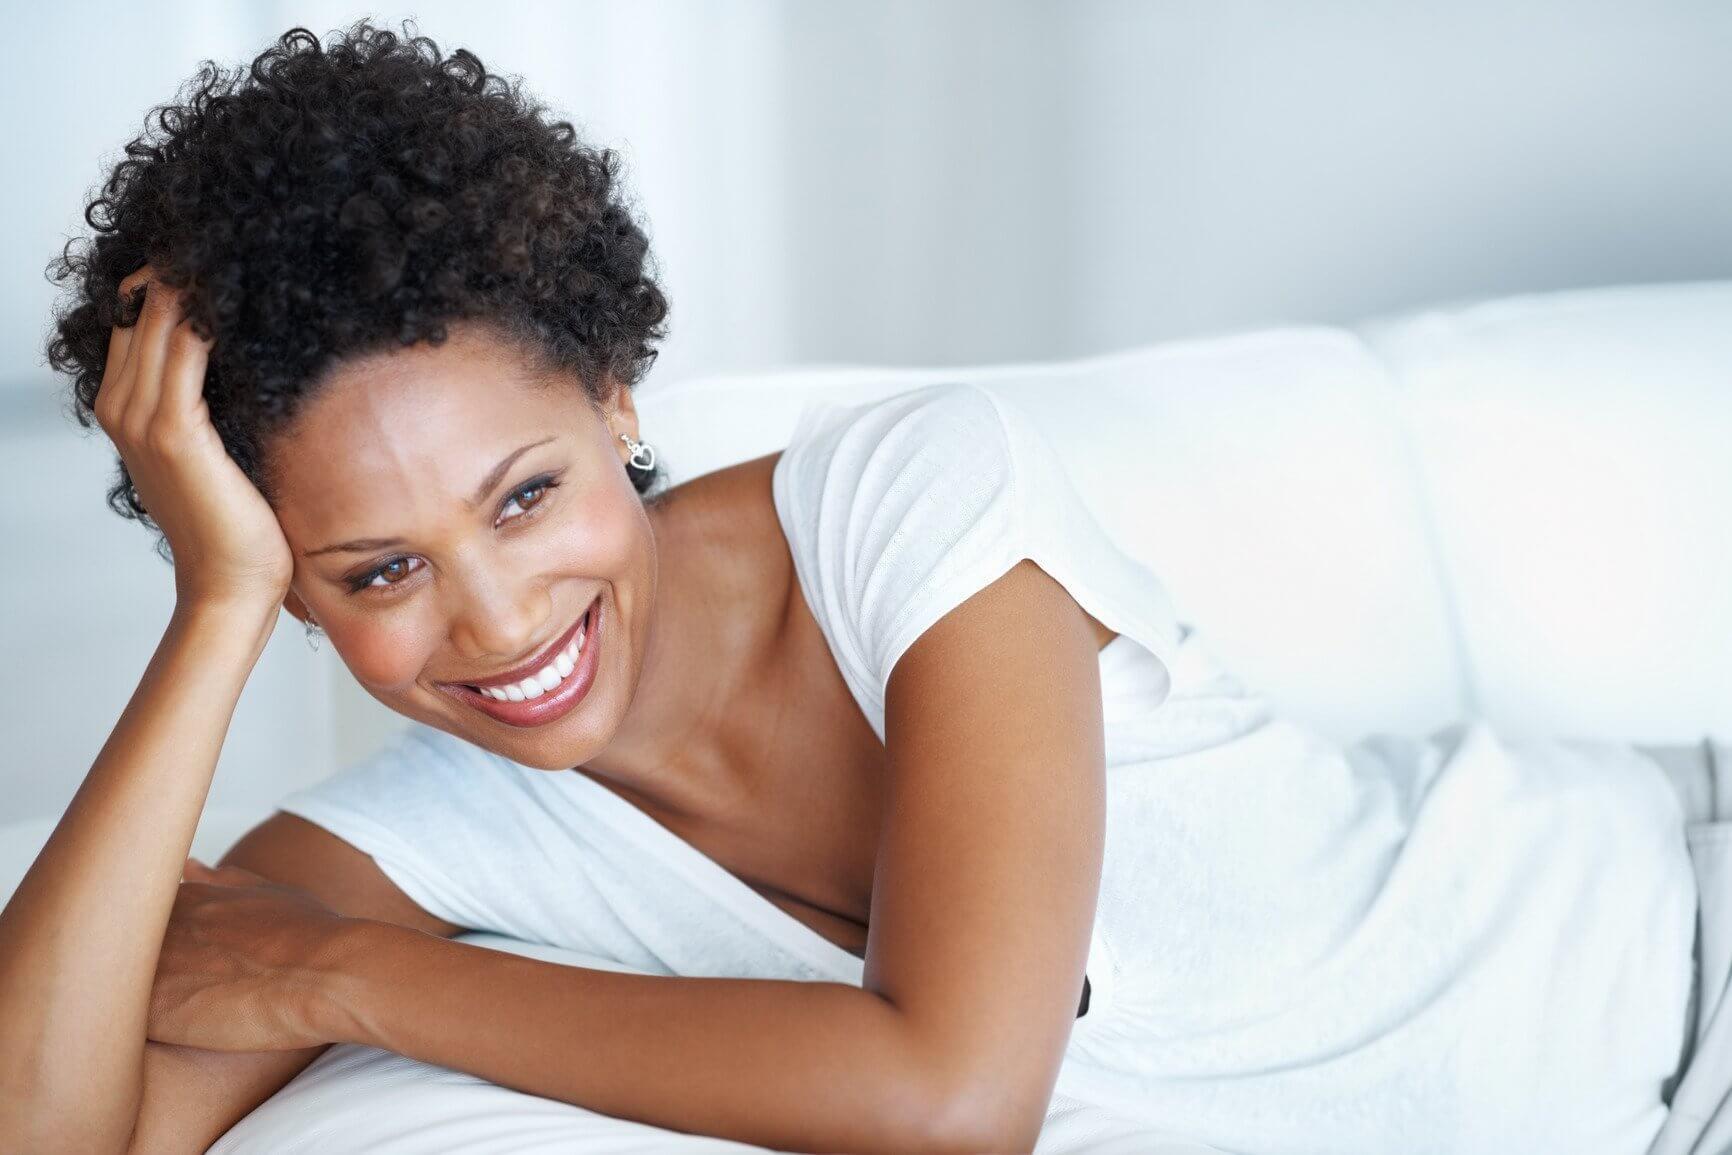 woman smiling on white sofa